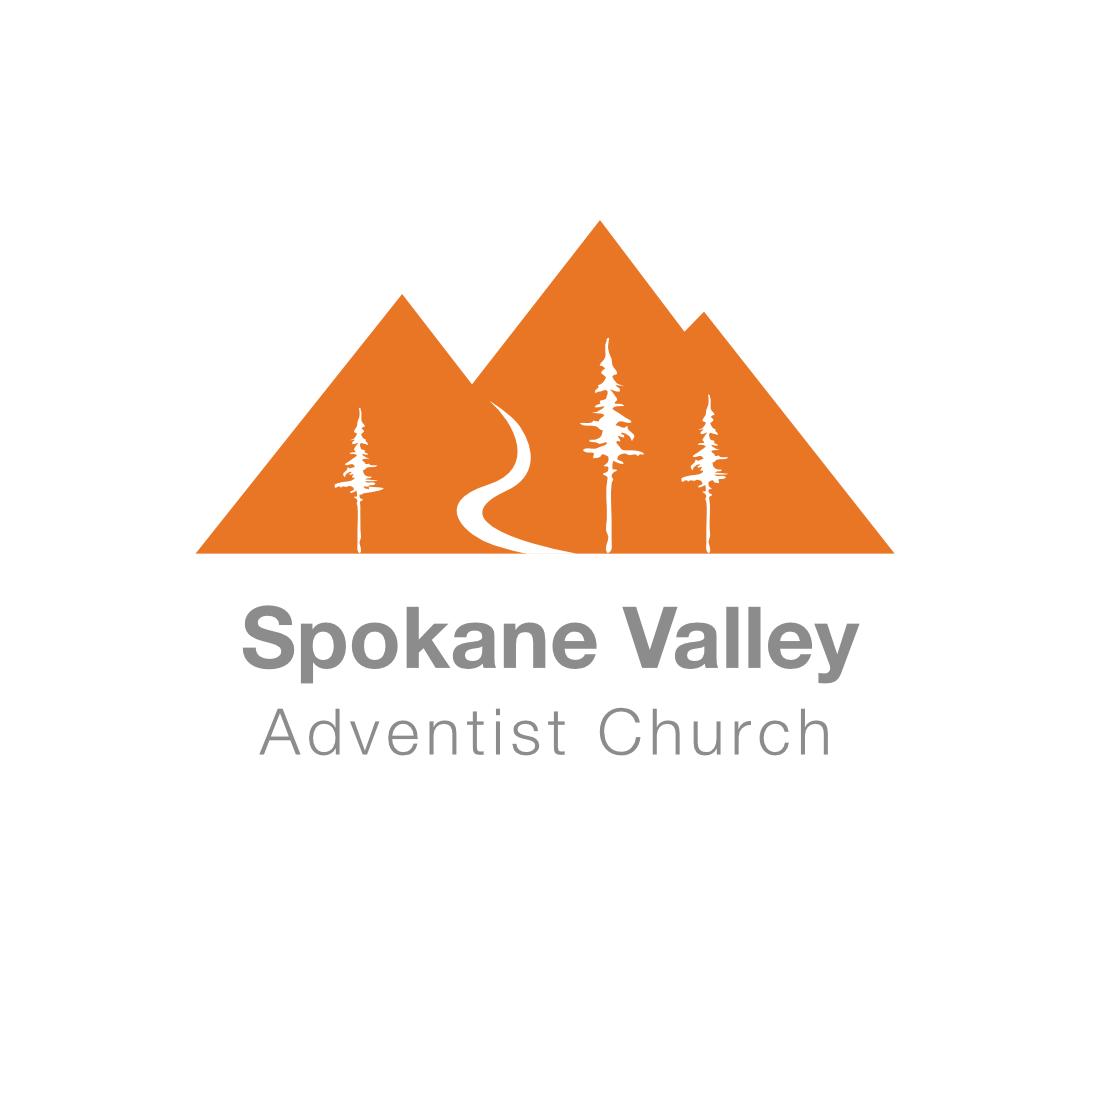 Spokane Valley Adventist Church